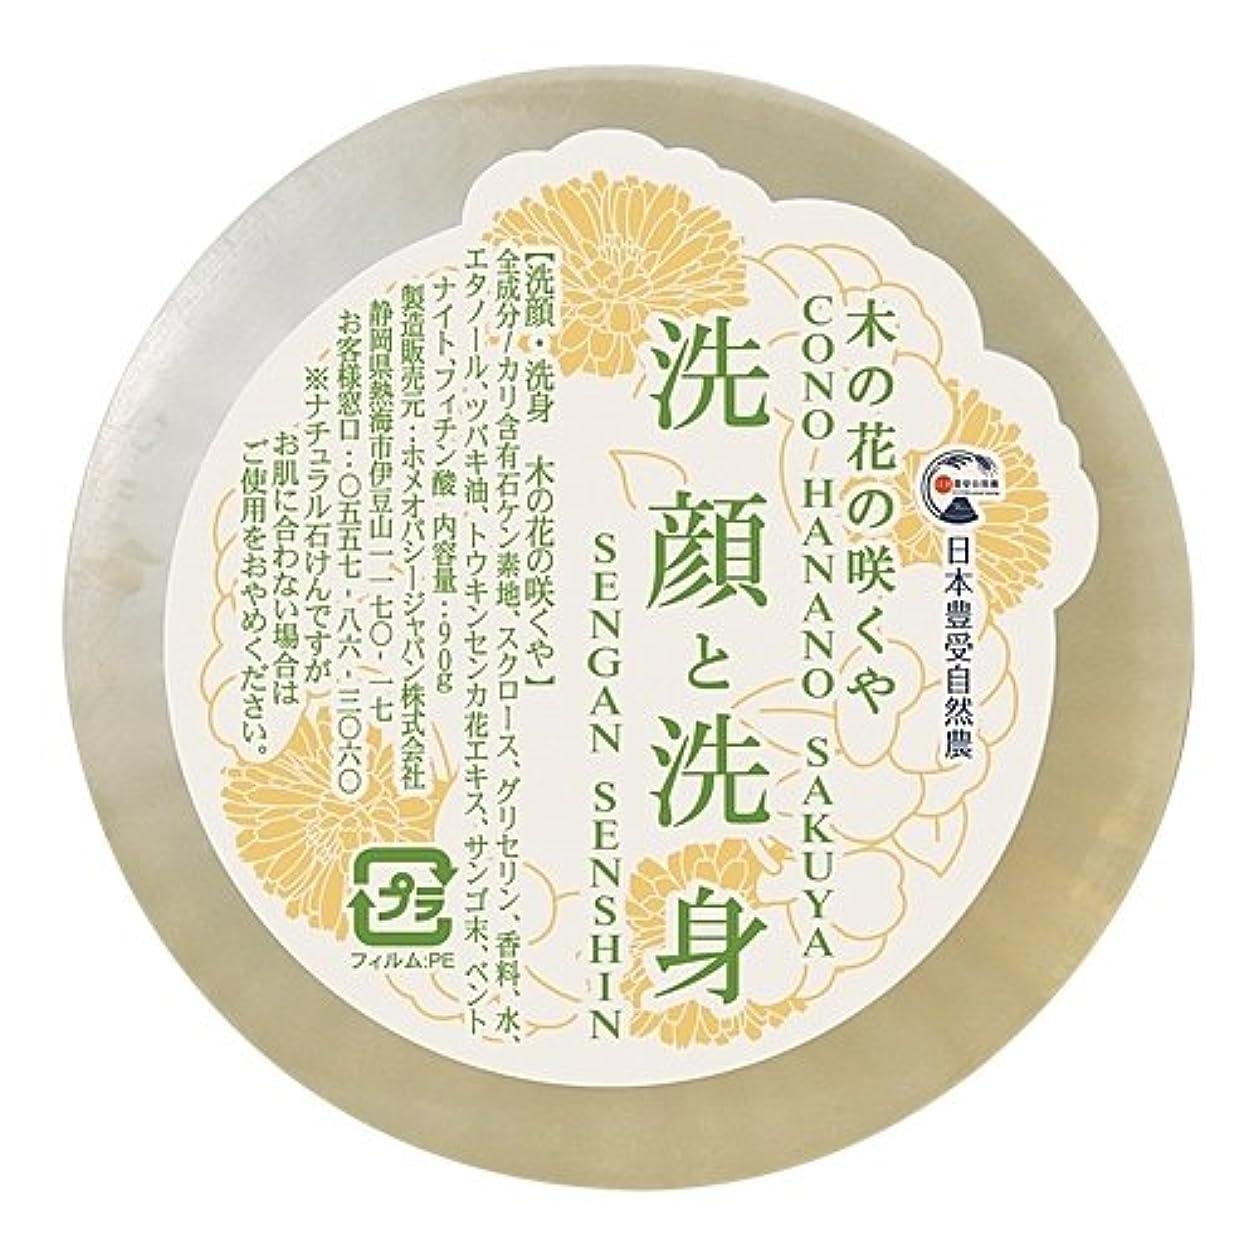 物理的に健全密輸日本豊受自然農 木の花の咲くや 洗顔?洗身ソープ 90g